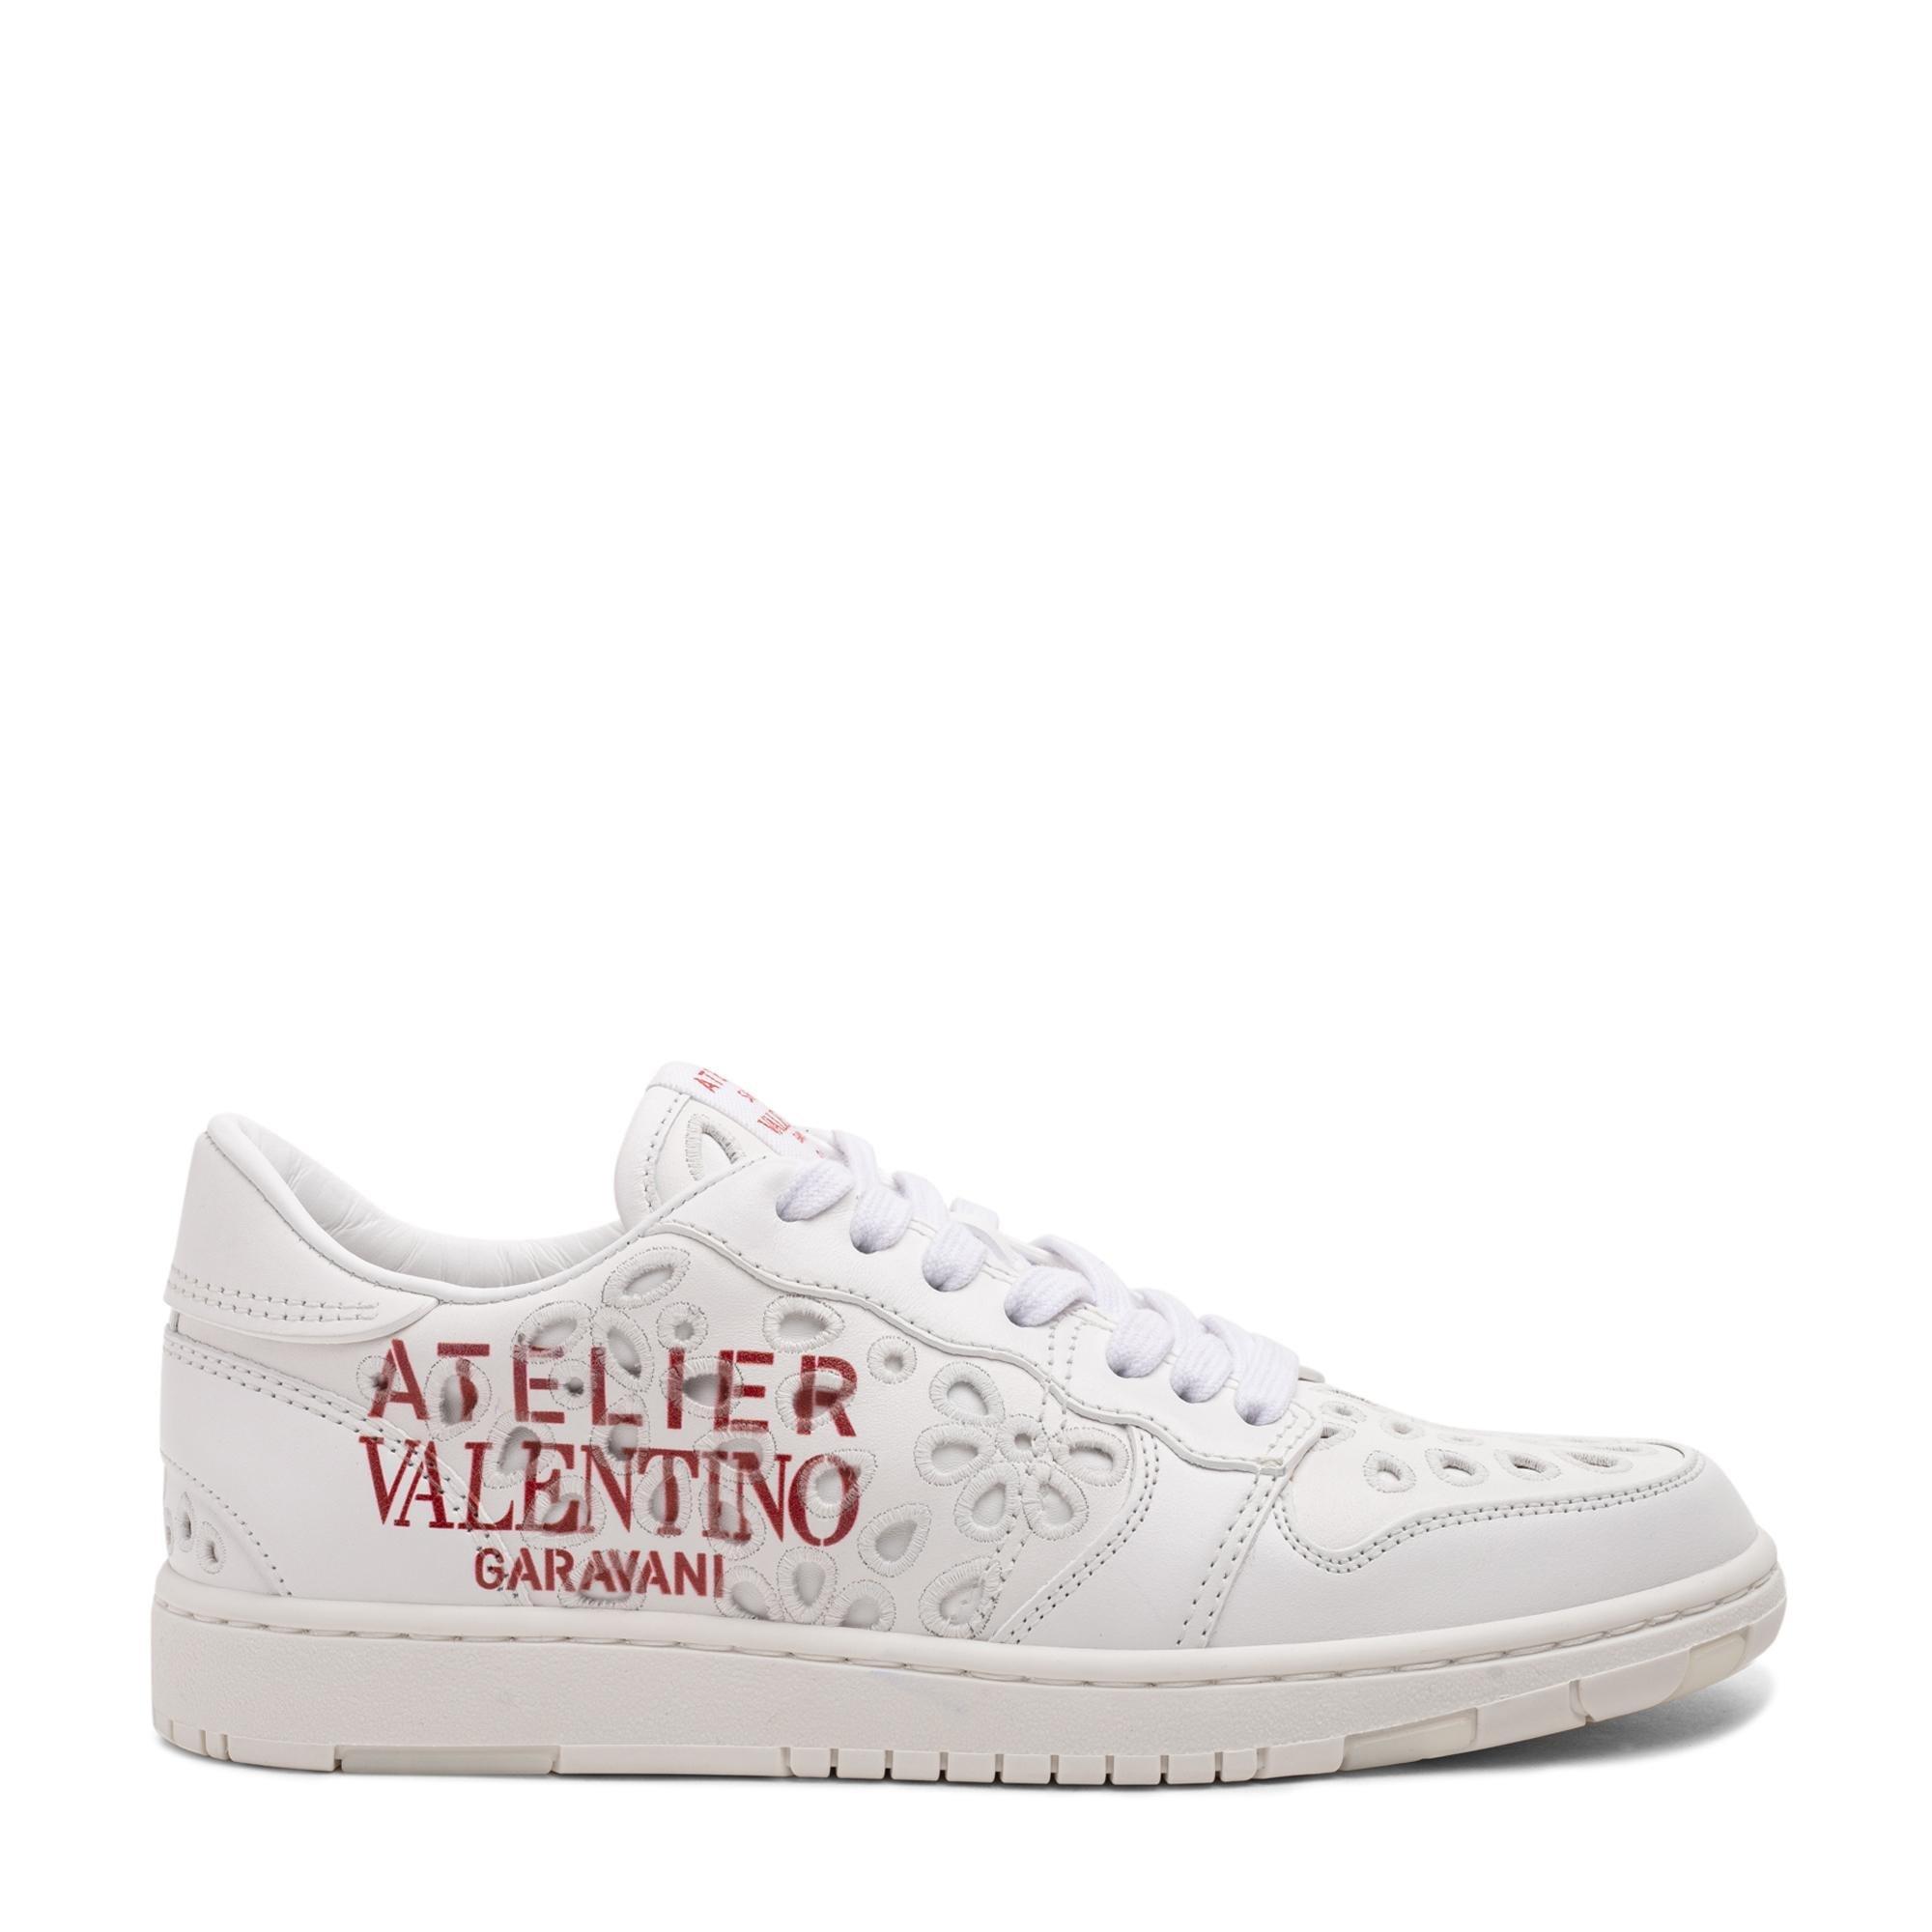 حذاء أتيلييه 08 سان جالو إيديشن الرياضي بتصميم القصة المنخفضة